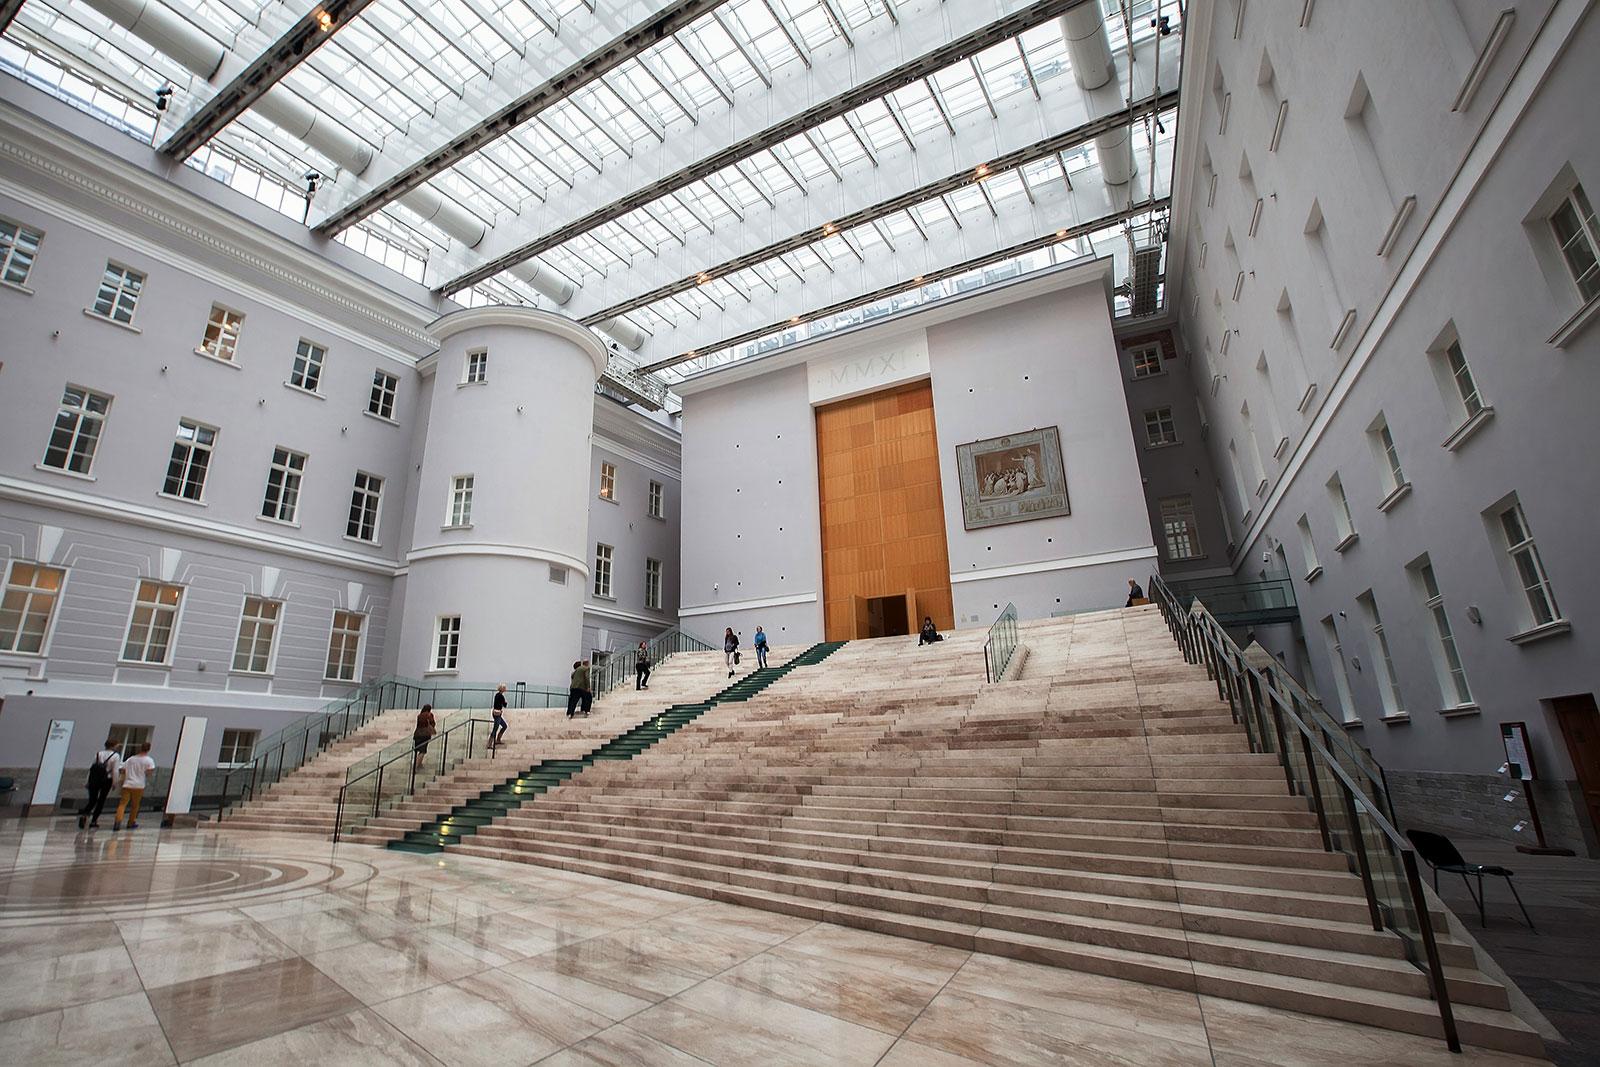 Атриум в Главном штабе Эрмитажа